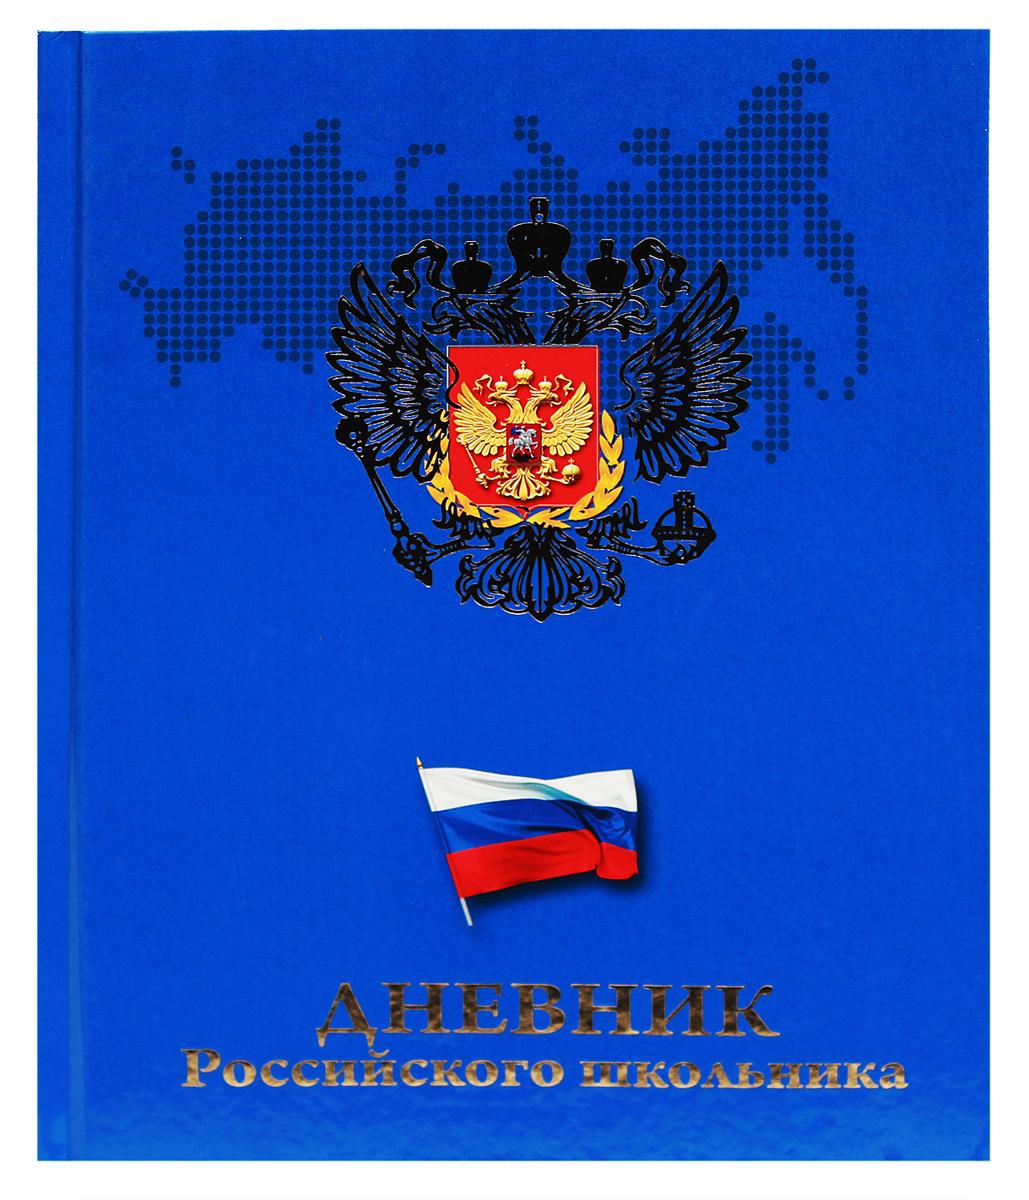 Prof Press Дневник школьный Герб и флаг на синем action дневник школьный герб и флаг 2